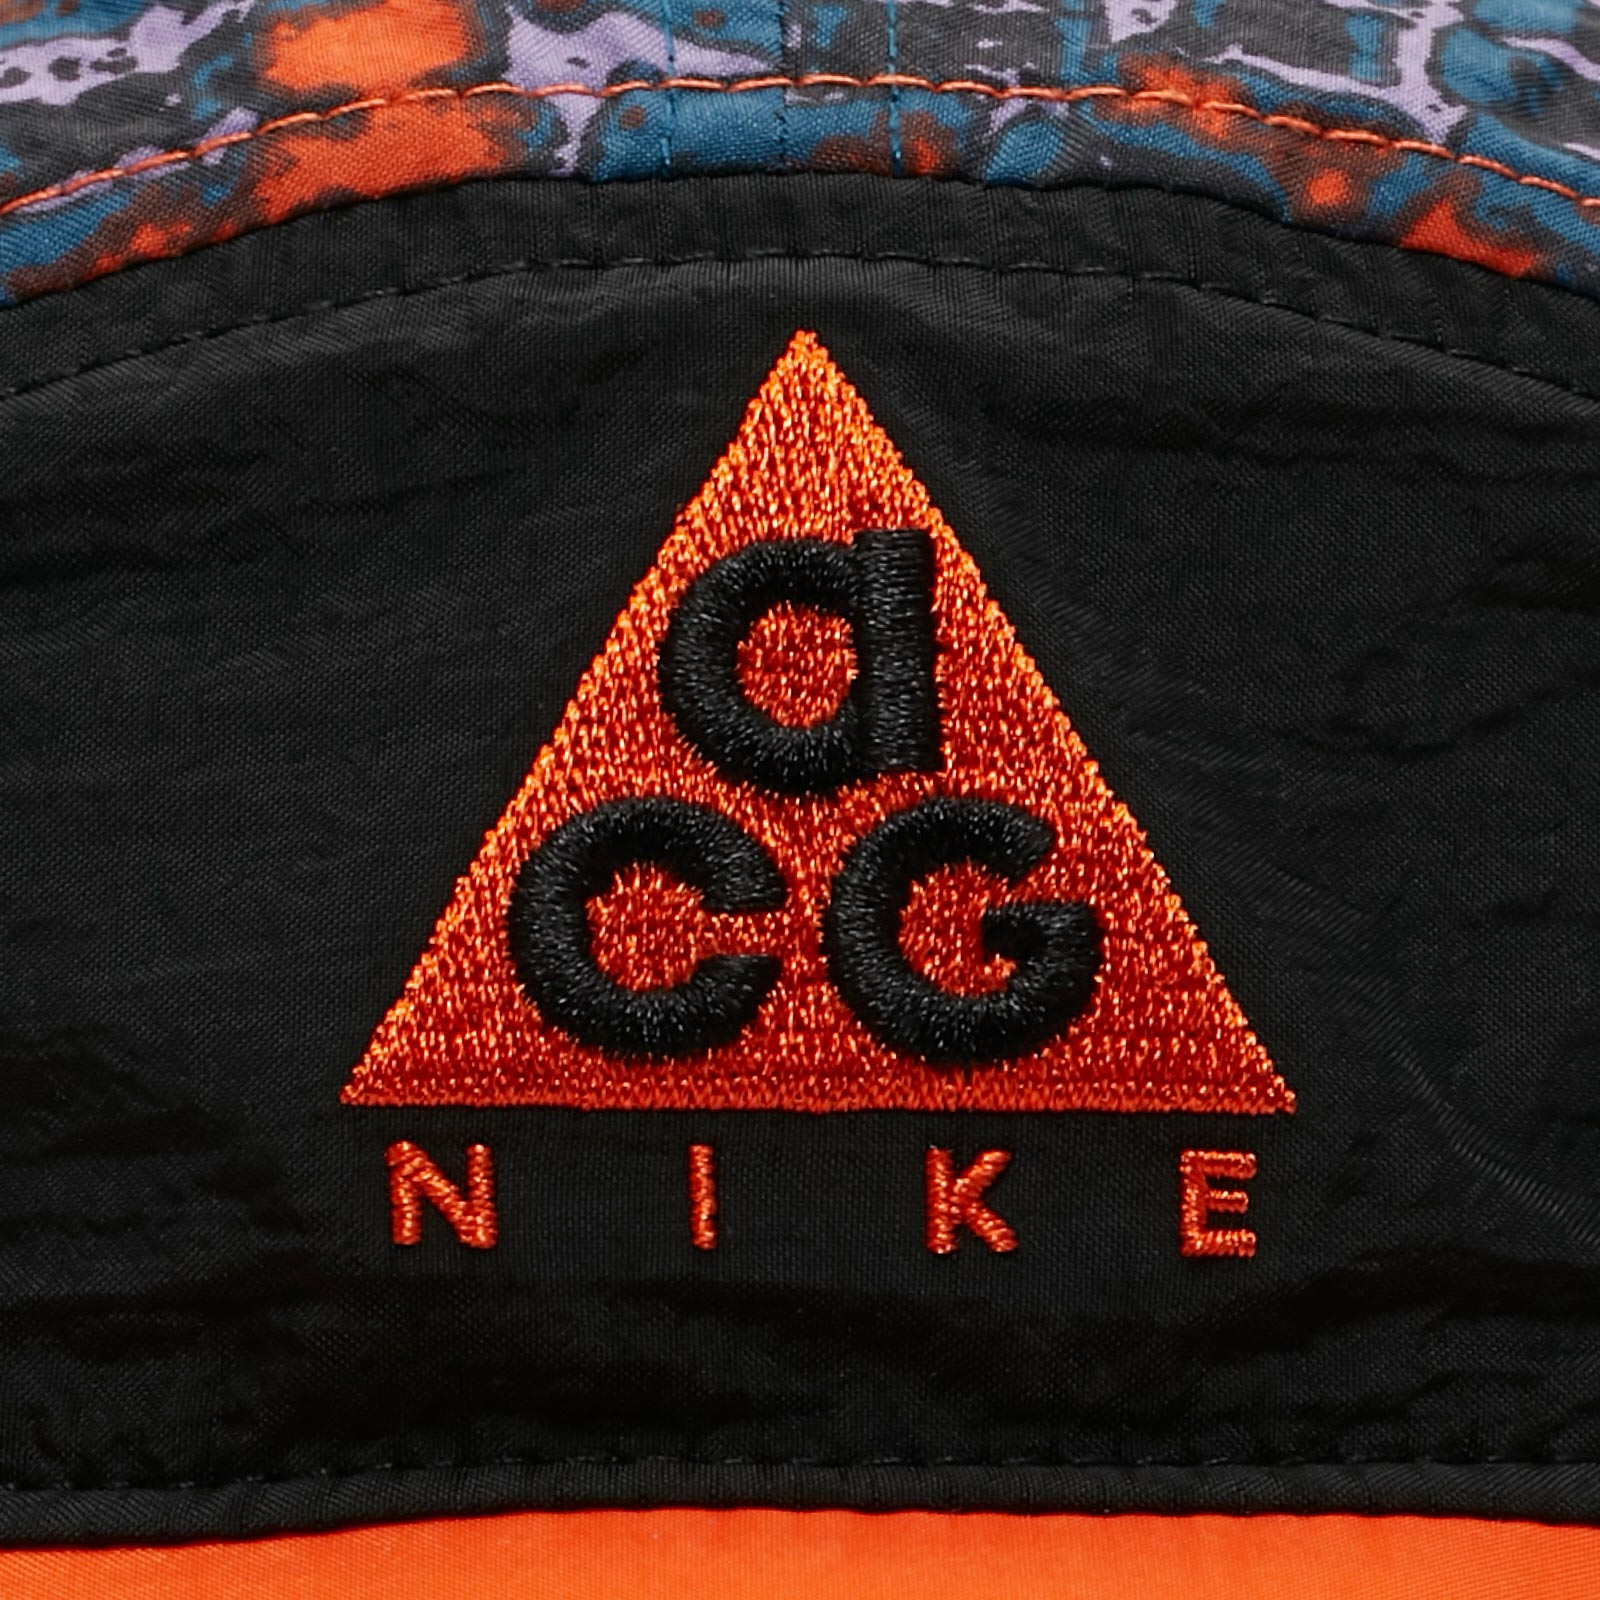 e363eaf4 Nike ACG G1 Tailwind Cap - Bv1046-010 - Sneakersnstuff   sneakers &  streetwear online since 1999